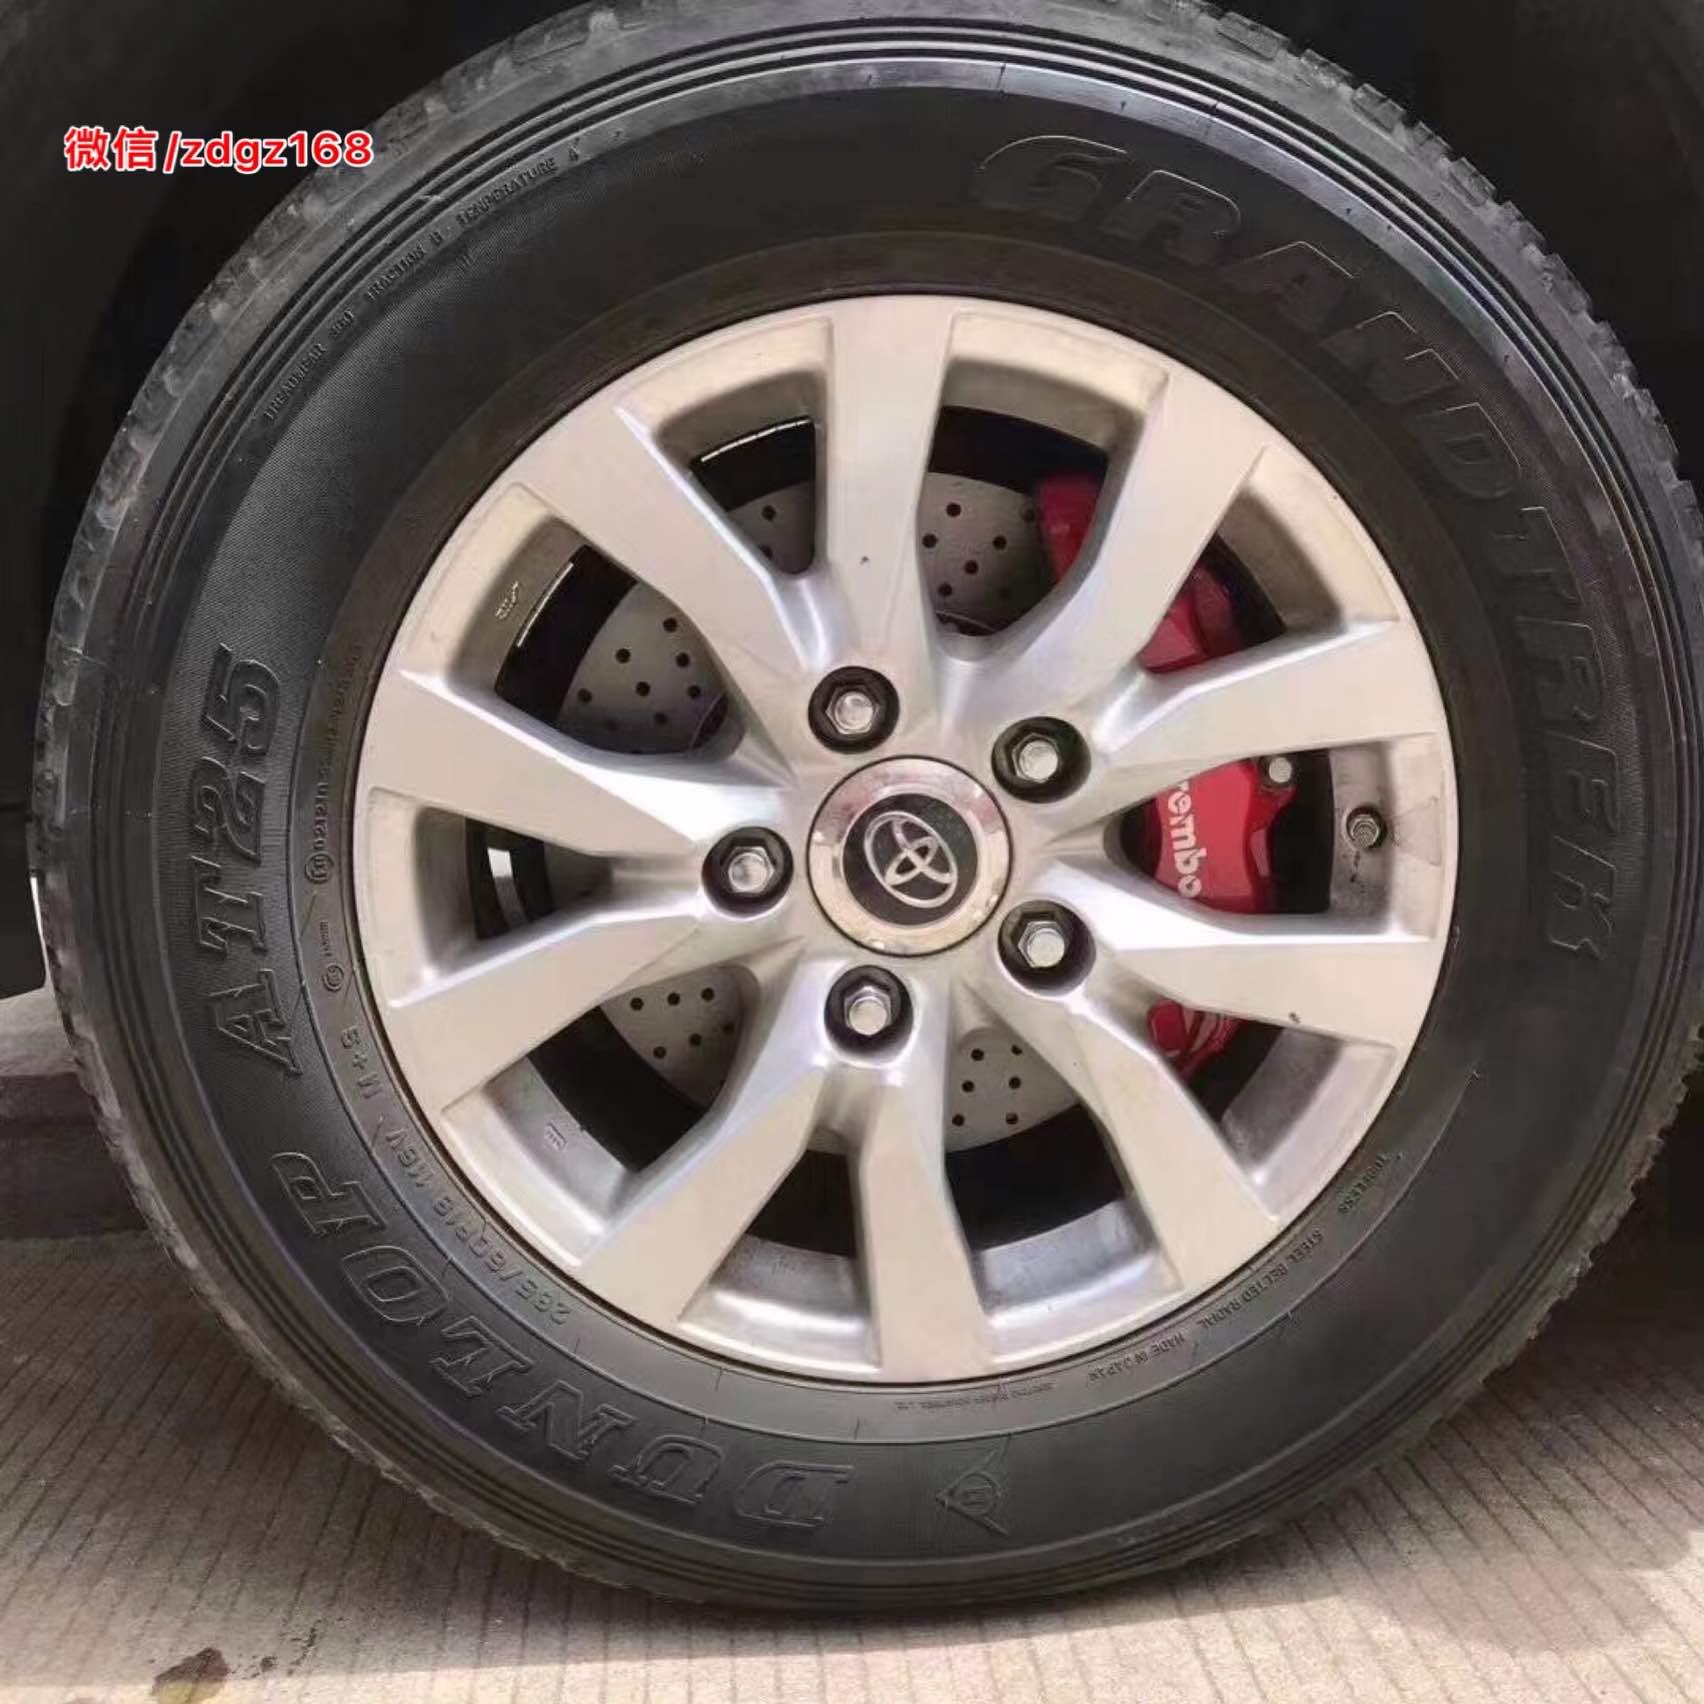 普拉多/霸道 升级布霸博Brembo前6后4套装,原车轮毂17寸直接安装!